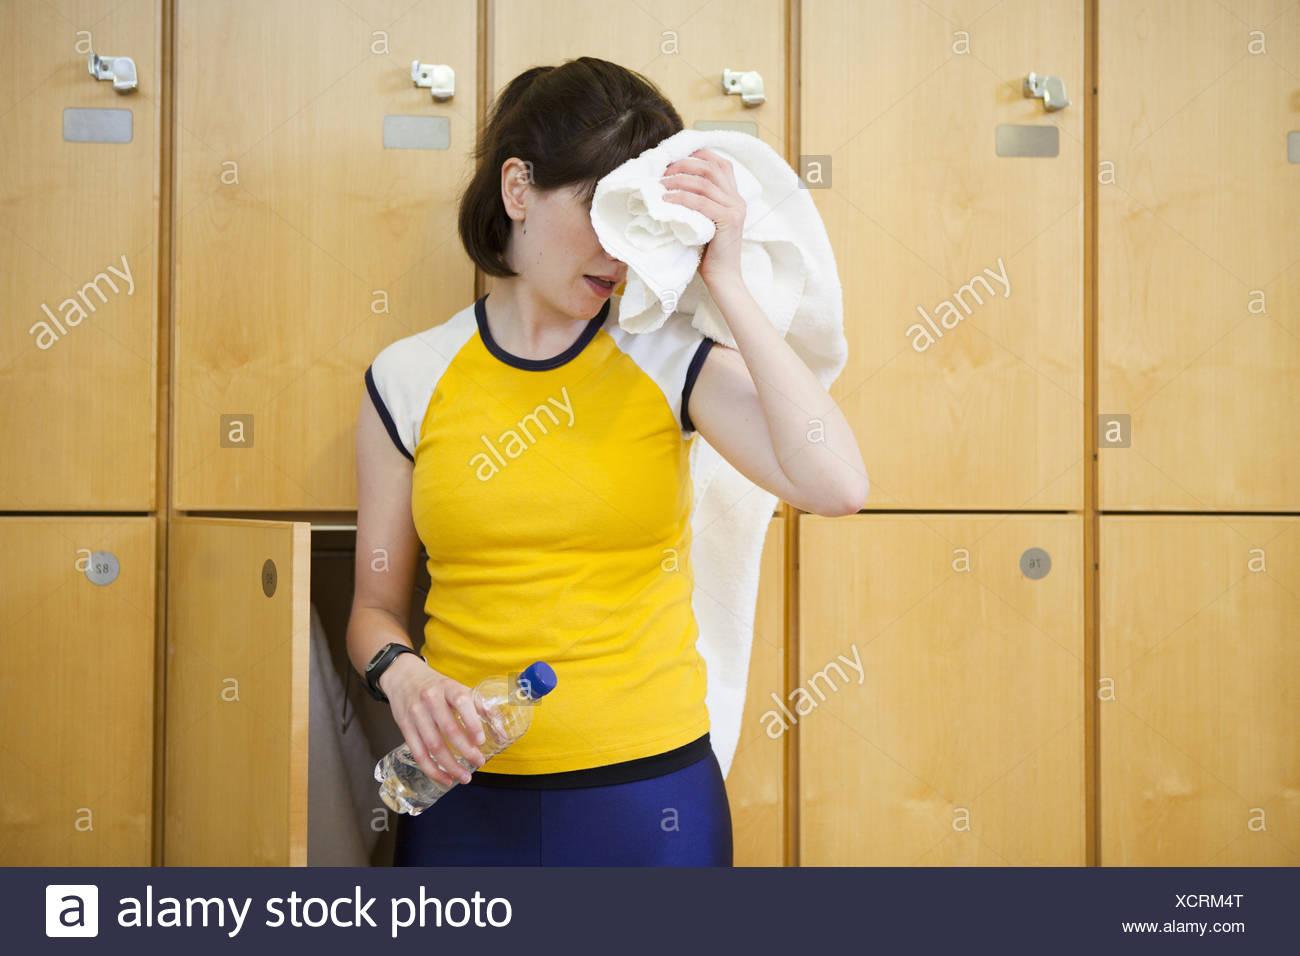 Woman wiping sweat in locker room Stock Photo